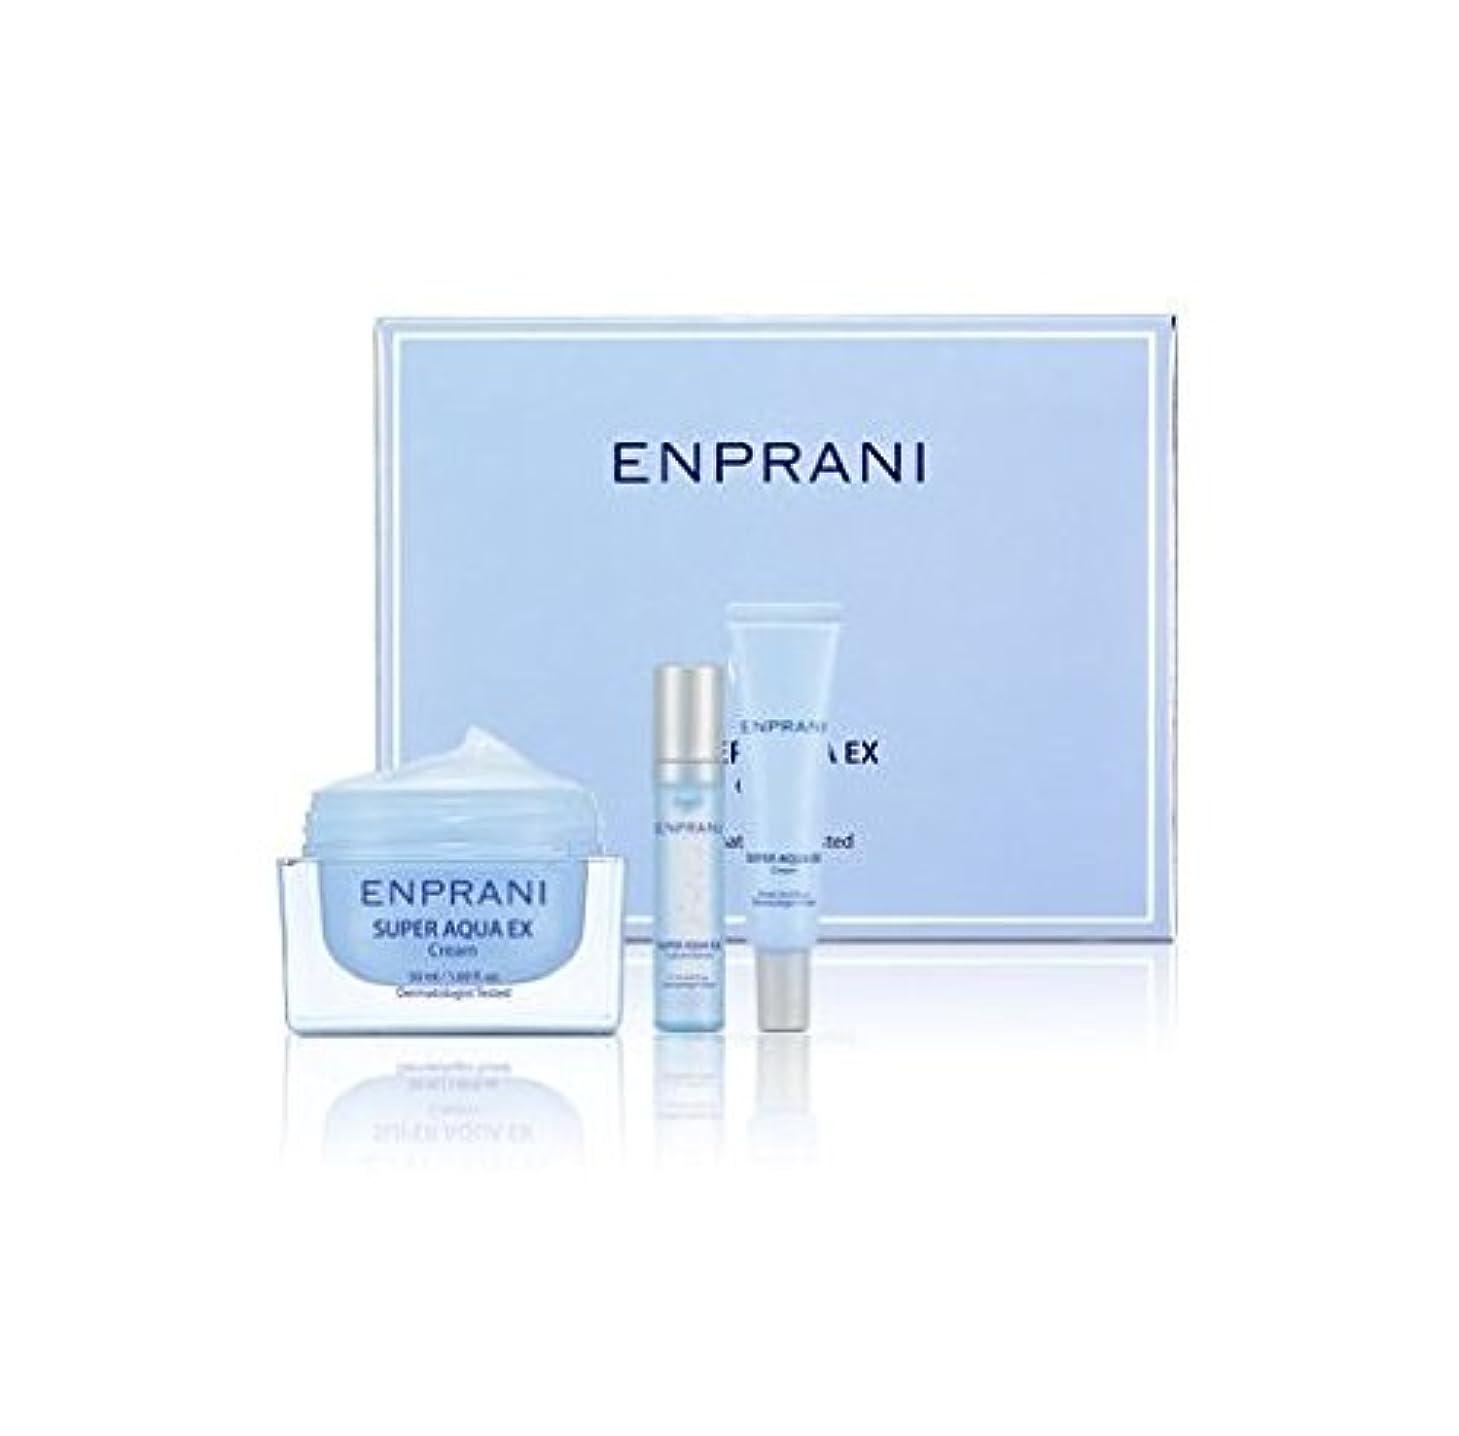 ENPRANI SUPER AQUA EX Cream Special Set エンプラニスーパーアクア EX クリームスペシャルセット [並行輸入品]